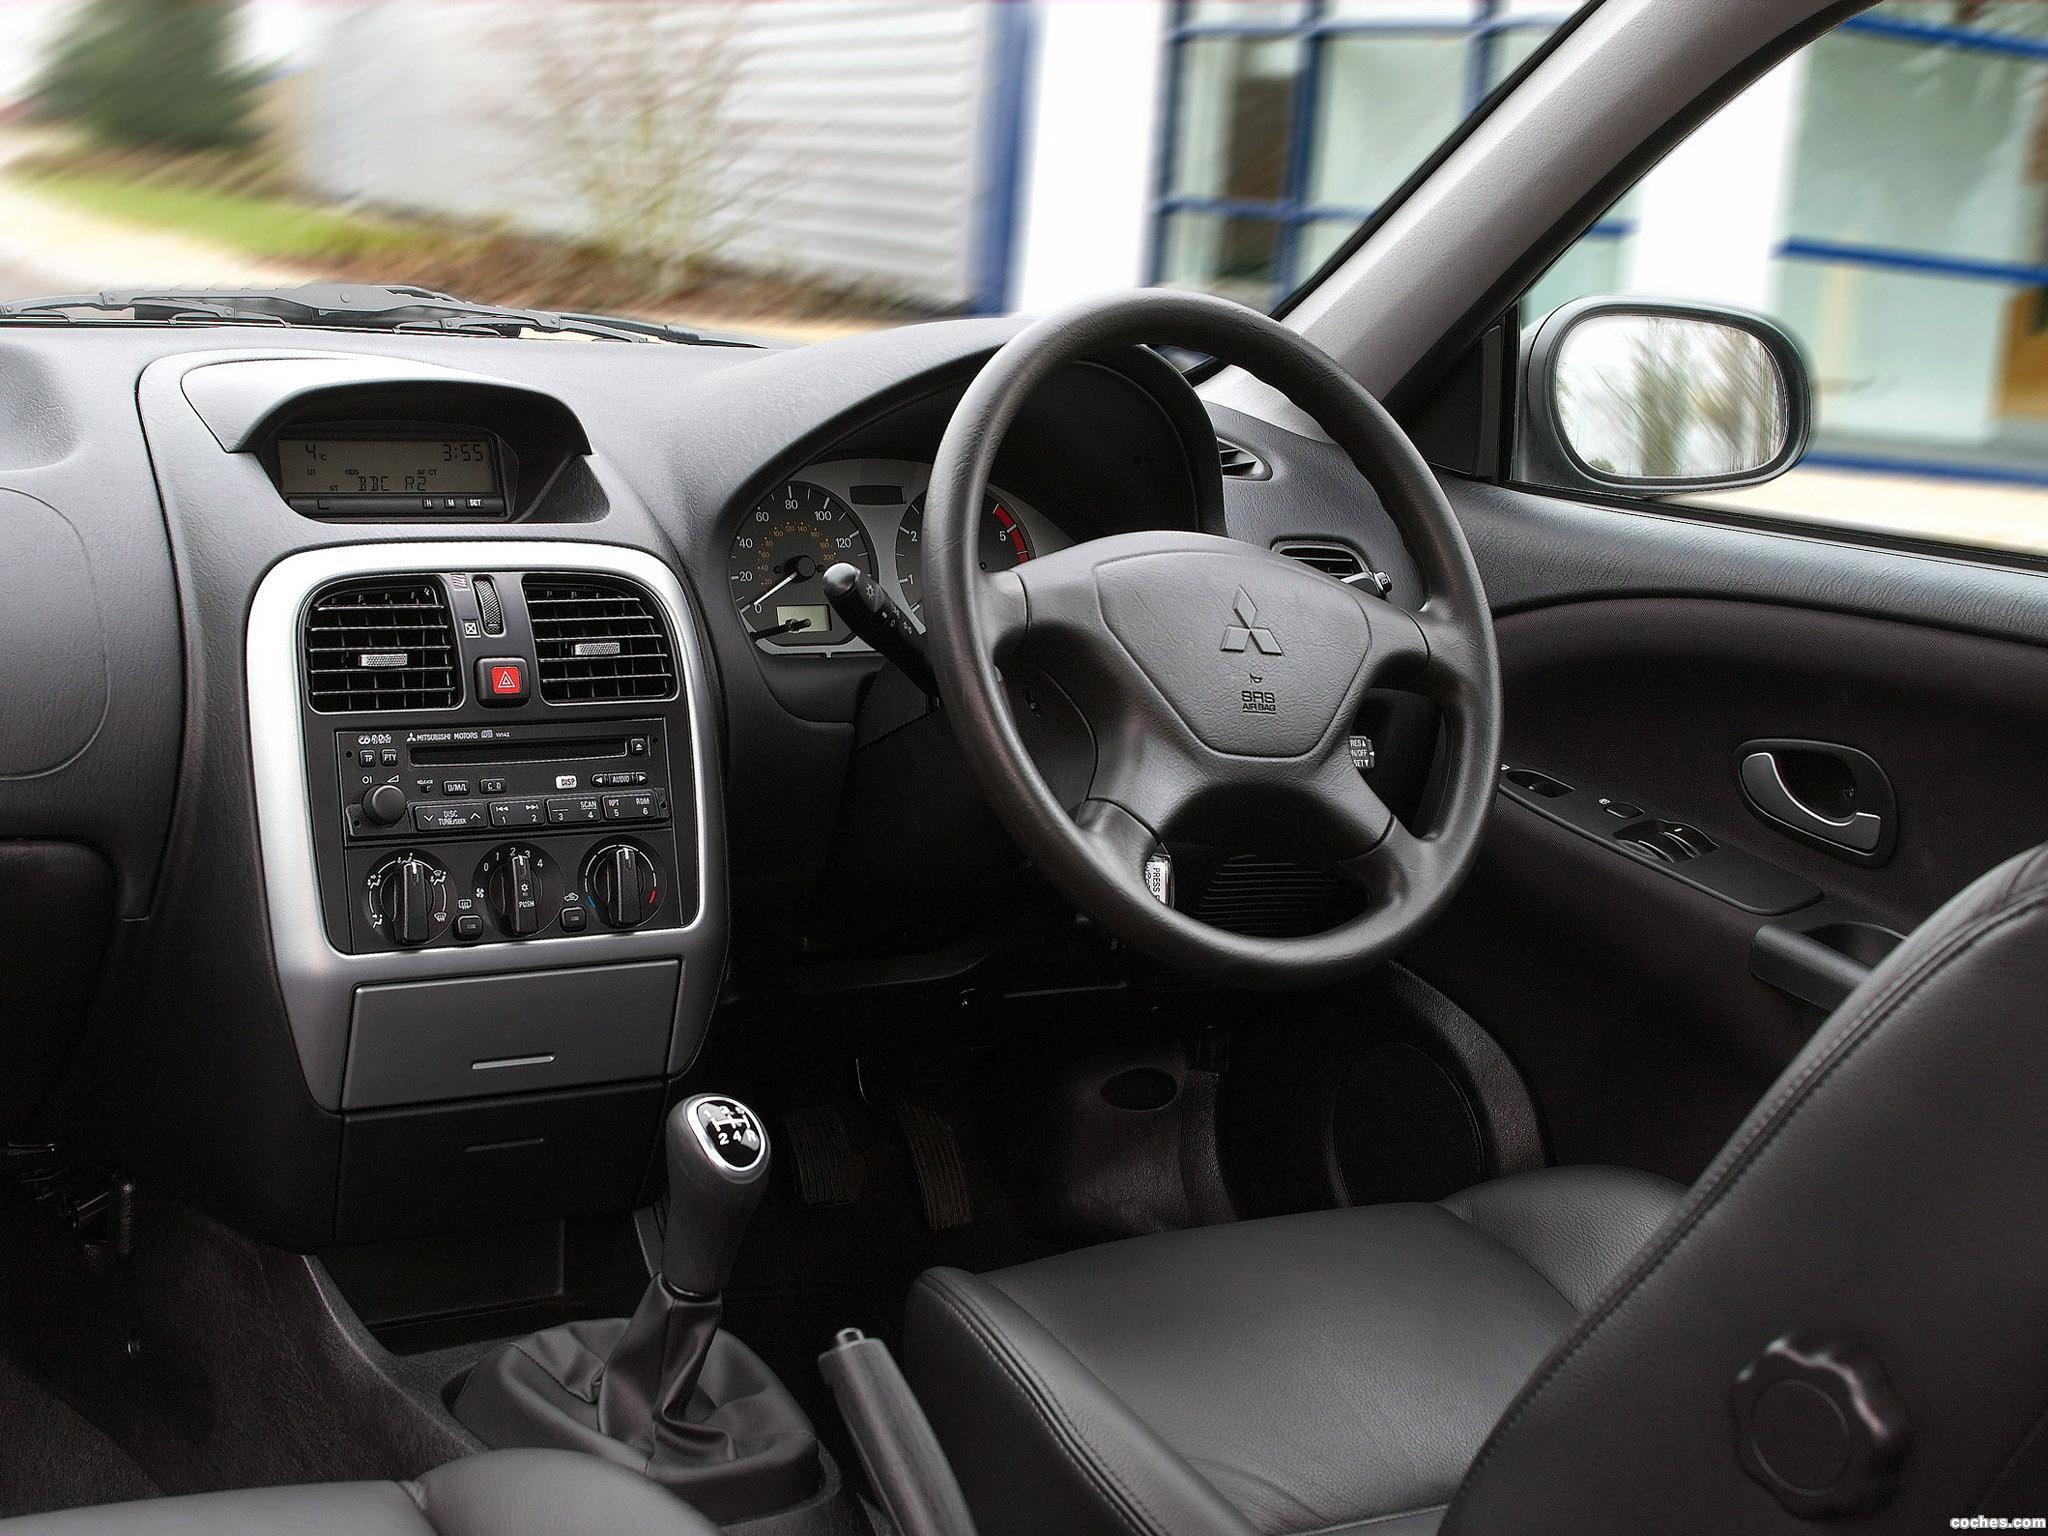 Foto 2 de Mitsubishi Carisma 5 puertas UK 2000